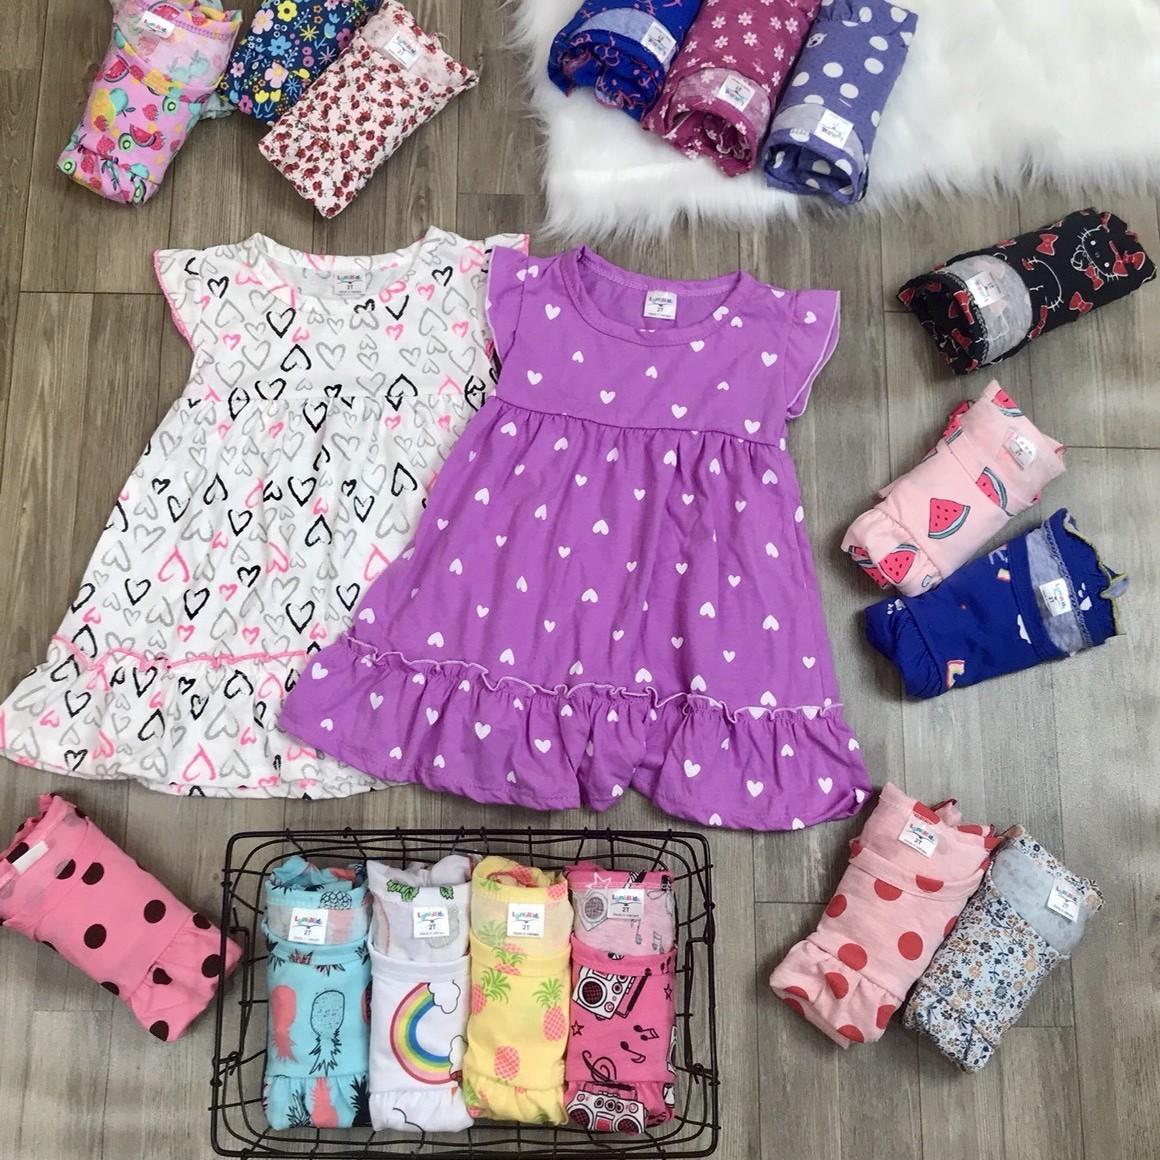 (CHỌN MẪU) Váy Hè Vải Cotton Xuất Xinh Xắn Mát Mẻ Cho Bé Gái Từ 1-7 Tuổi Cùng Giá Khuyến Mãi Hot